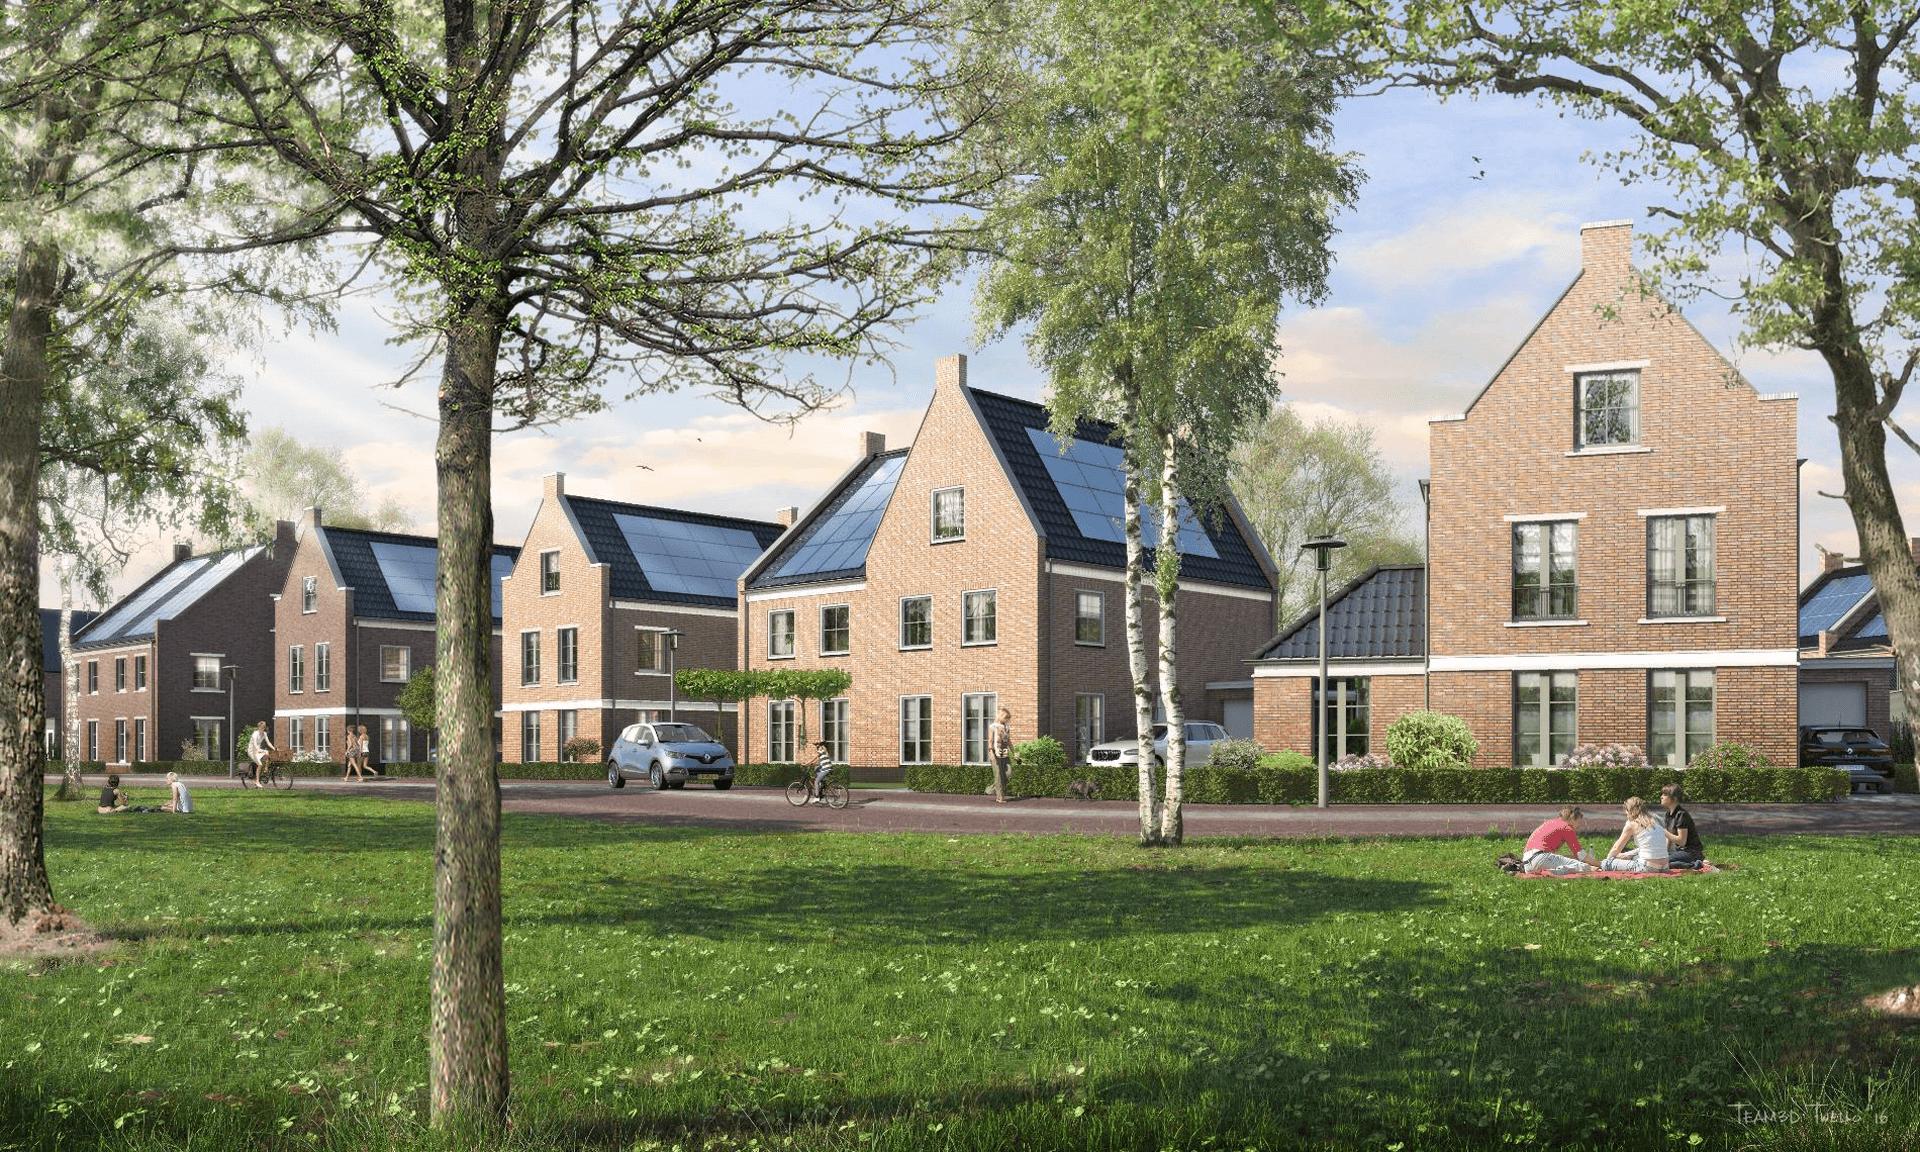 Uwnieuwbouwwoning.nl - Succesfactor